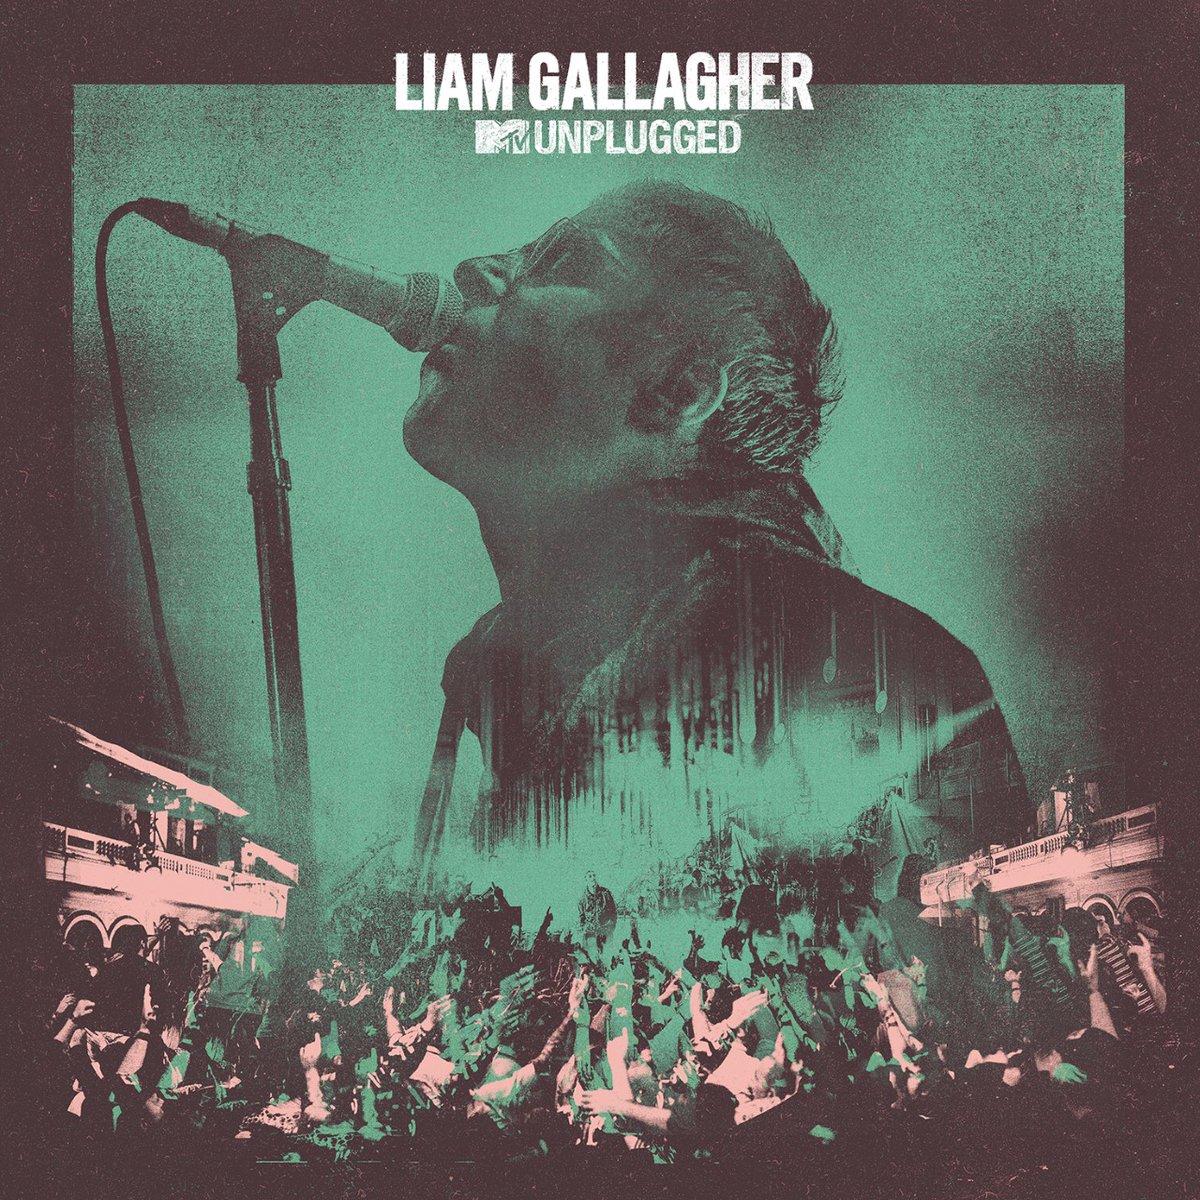 Luister naar LiamGallagheren zijn laatste album 'MTV Unplugged' in overweldigende 360 Reality Audio van Sony#360RA. Verkrijgbaar via Deezer en TIDAL. https://t.co/oUeGiwfpn1 https://t.co/dLA6yHuh9T